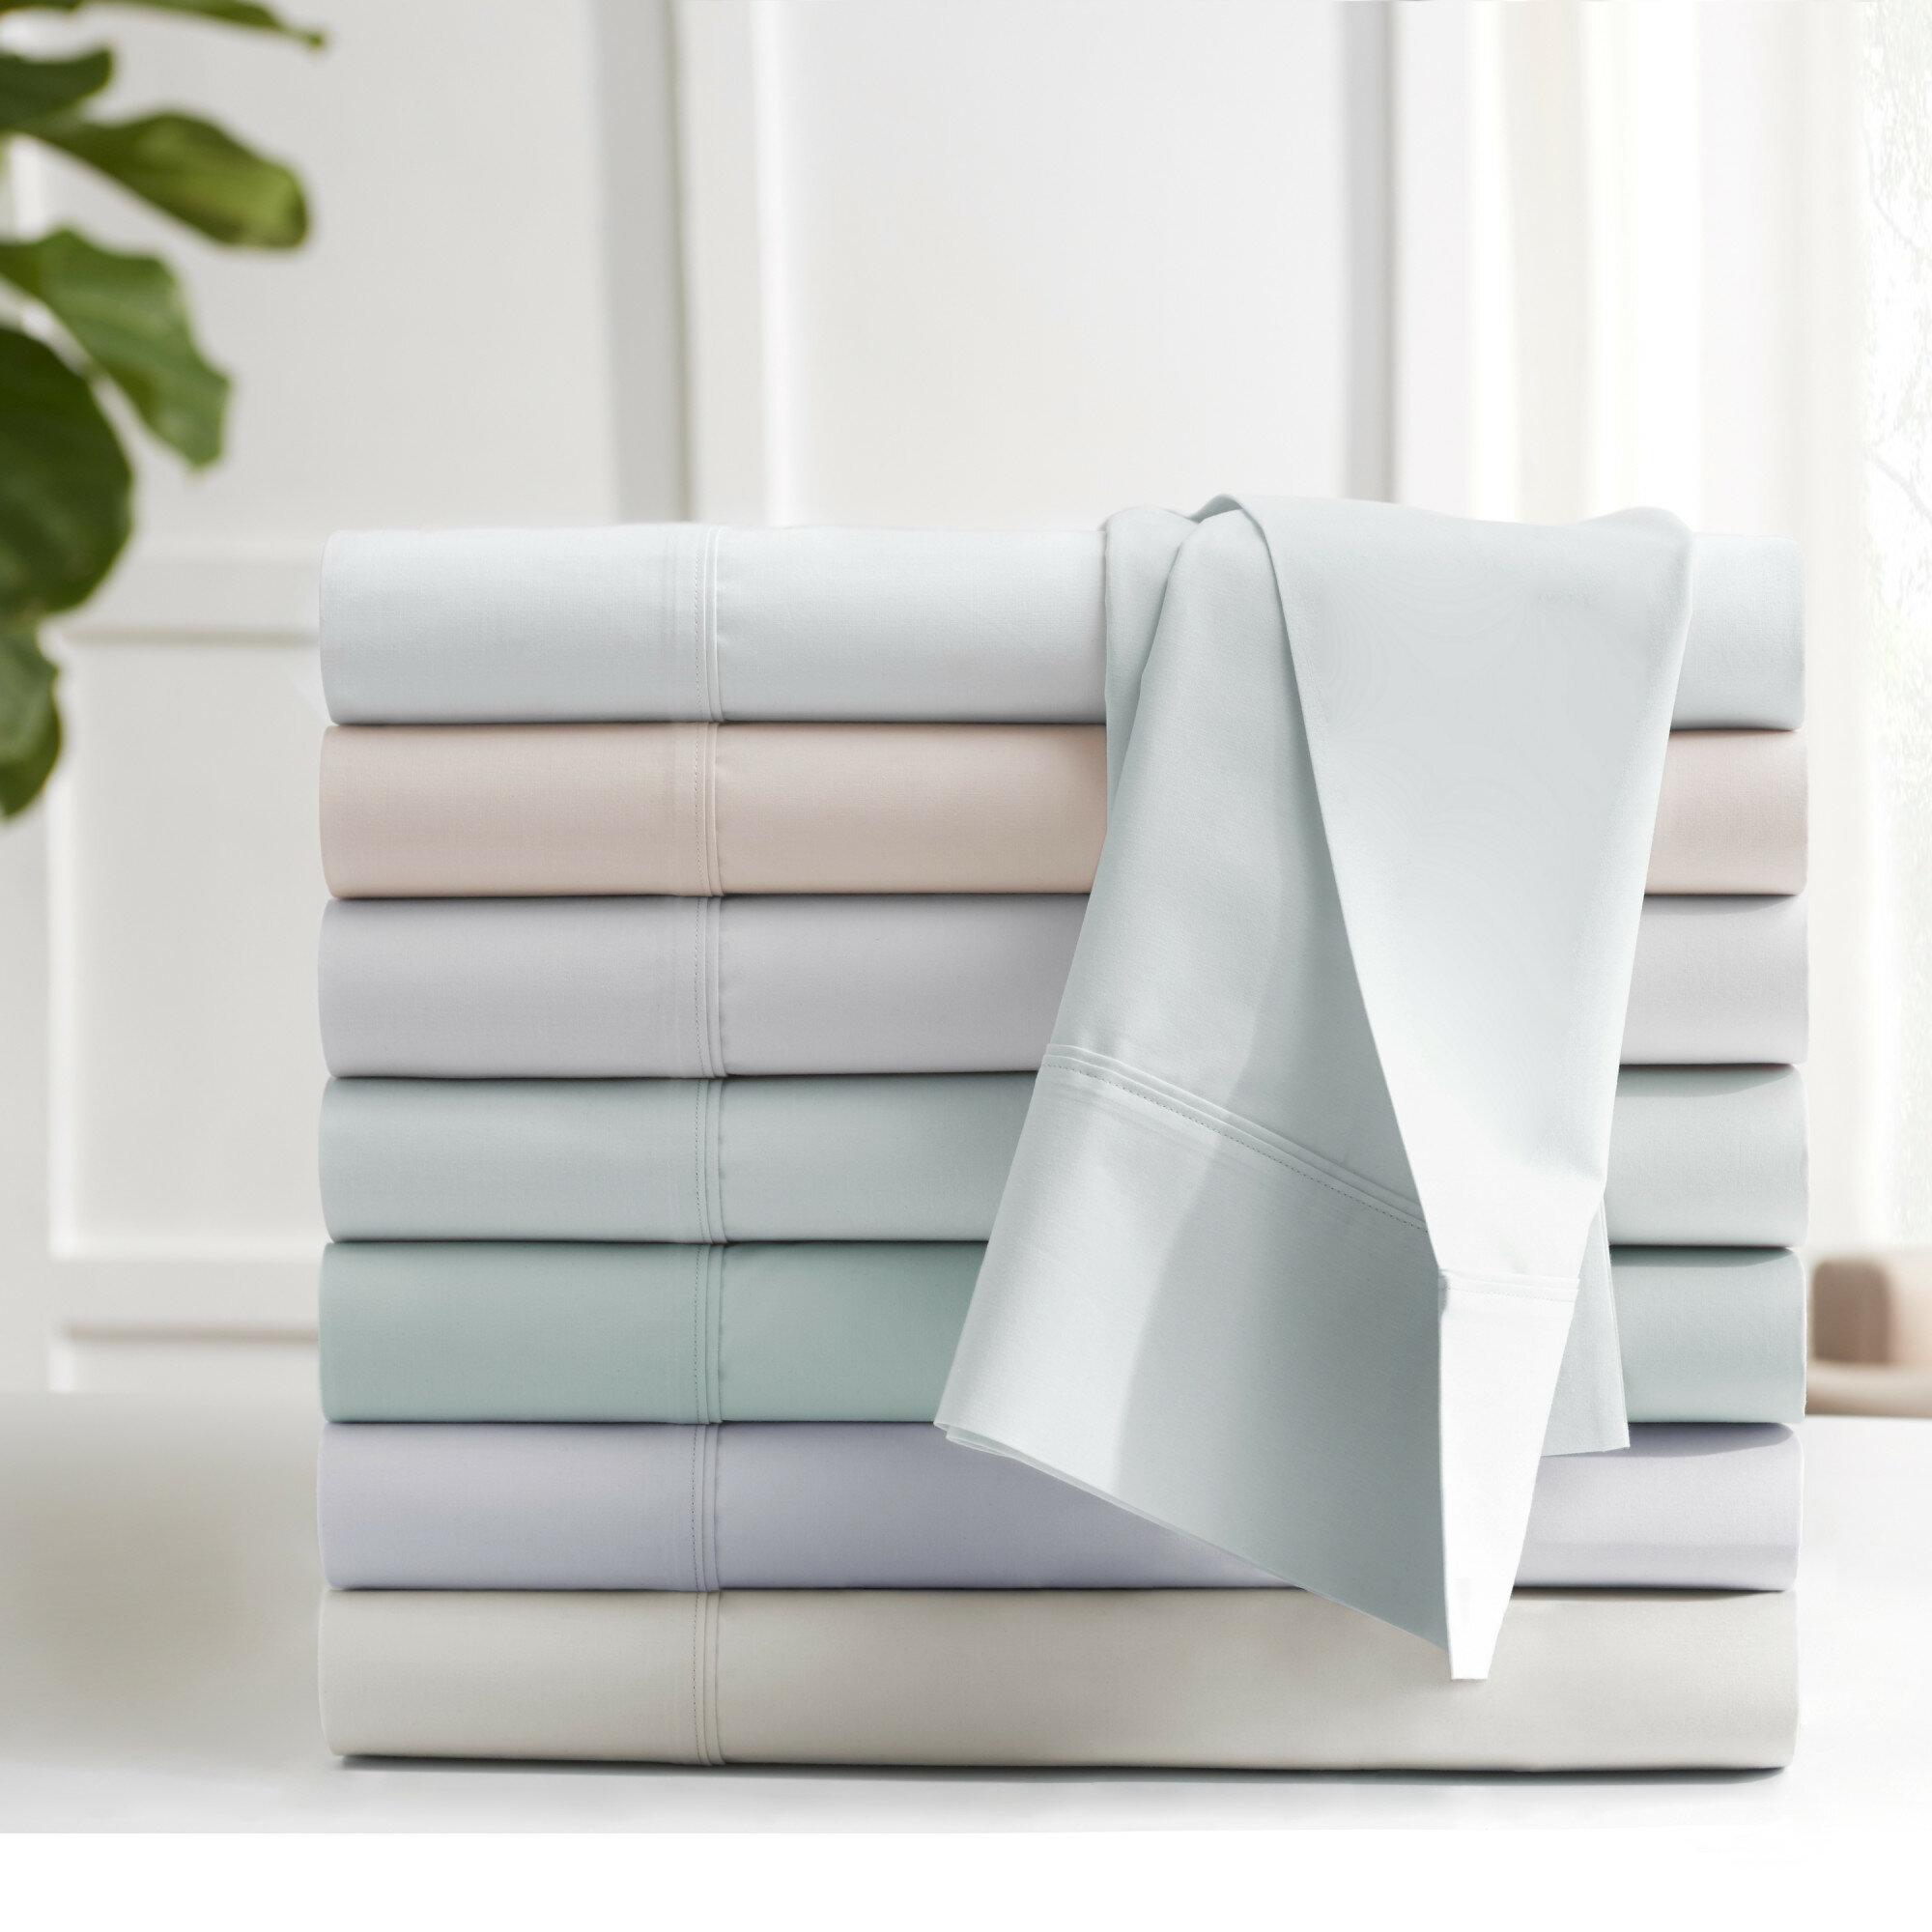 Under the Canopy Edgelands 200 Thread 100% Cotton Sheet Set u0026 Reviews | Wayfair  sc 1 st  Wayfair & Under the Canopy Edgelands 200 Thread 100% Cotton Sheet Set ...